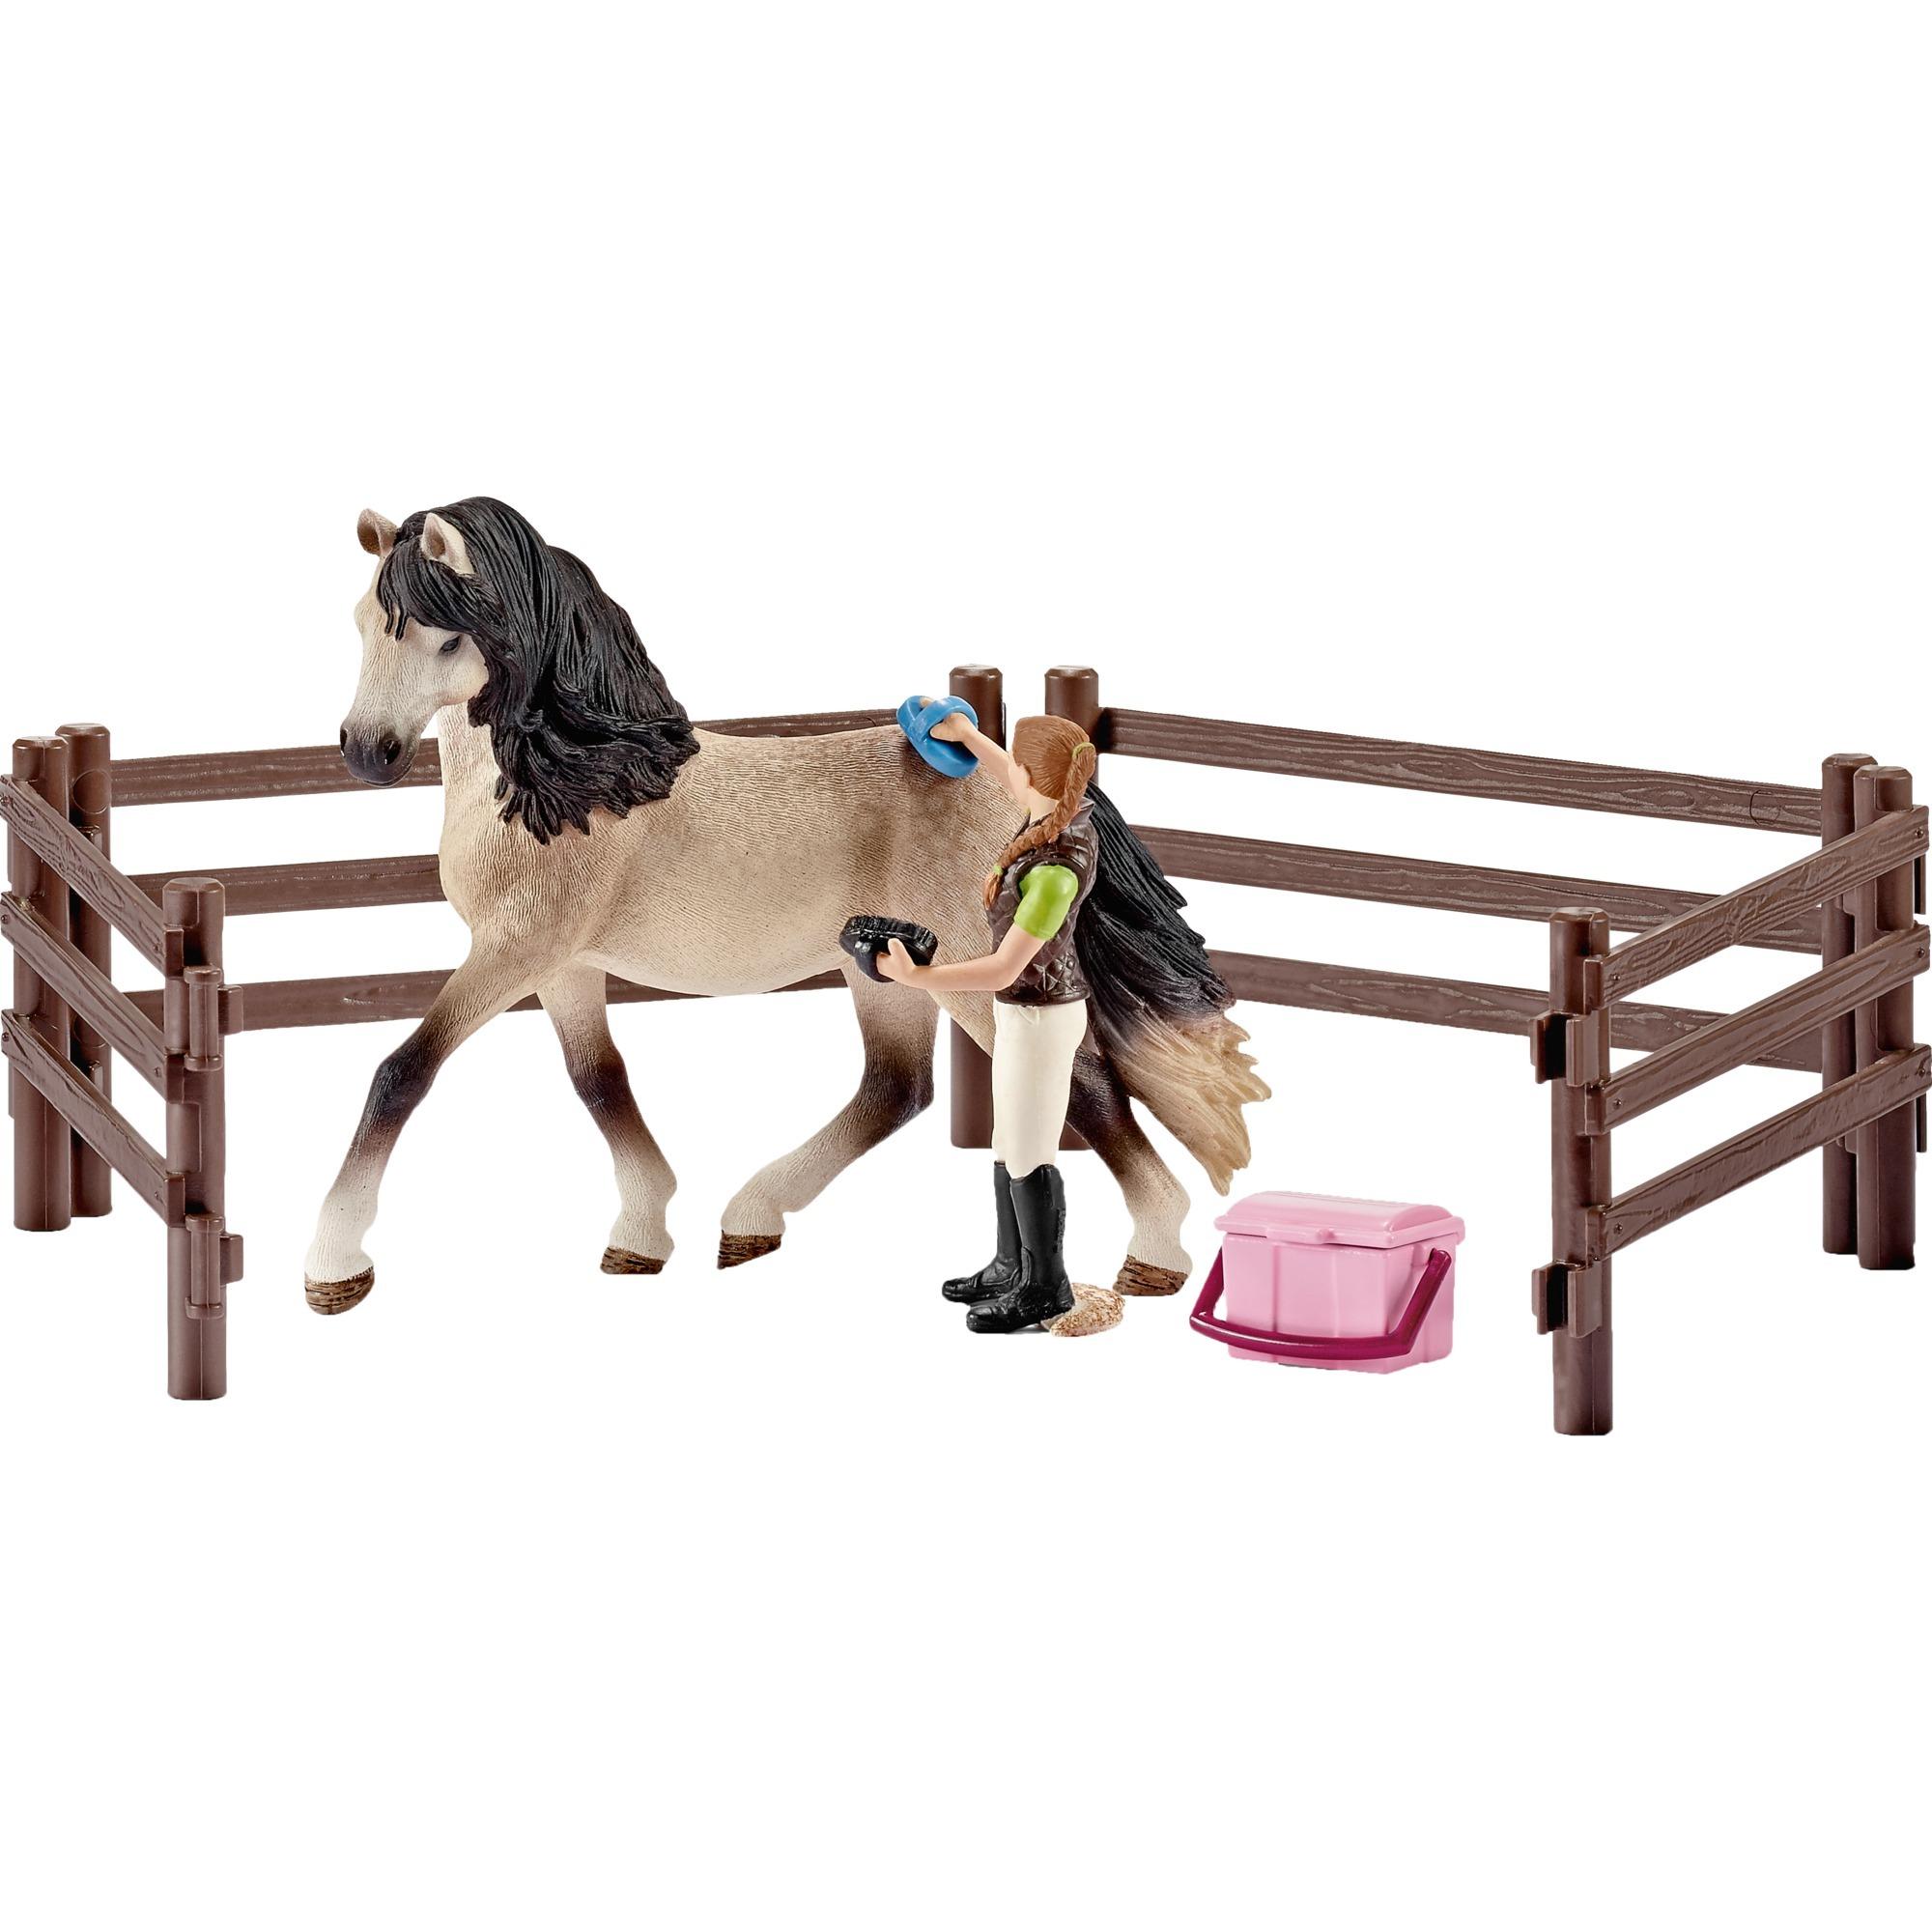 hesteplejesat-m-andalusisk-hest-42270-spil-figur